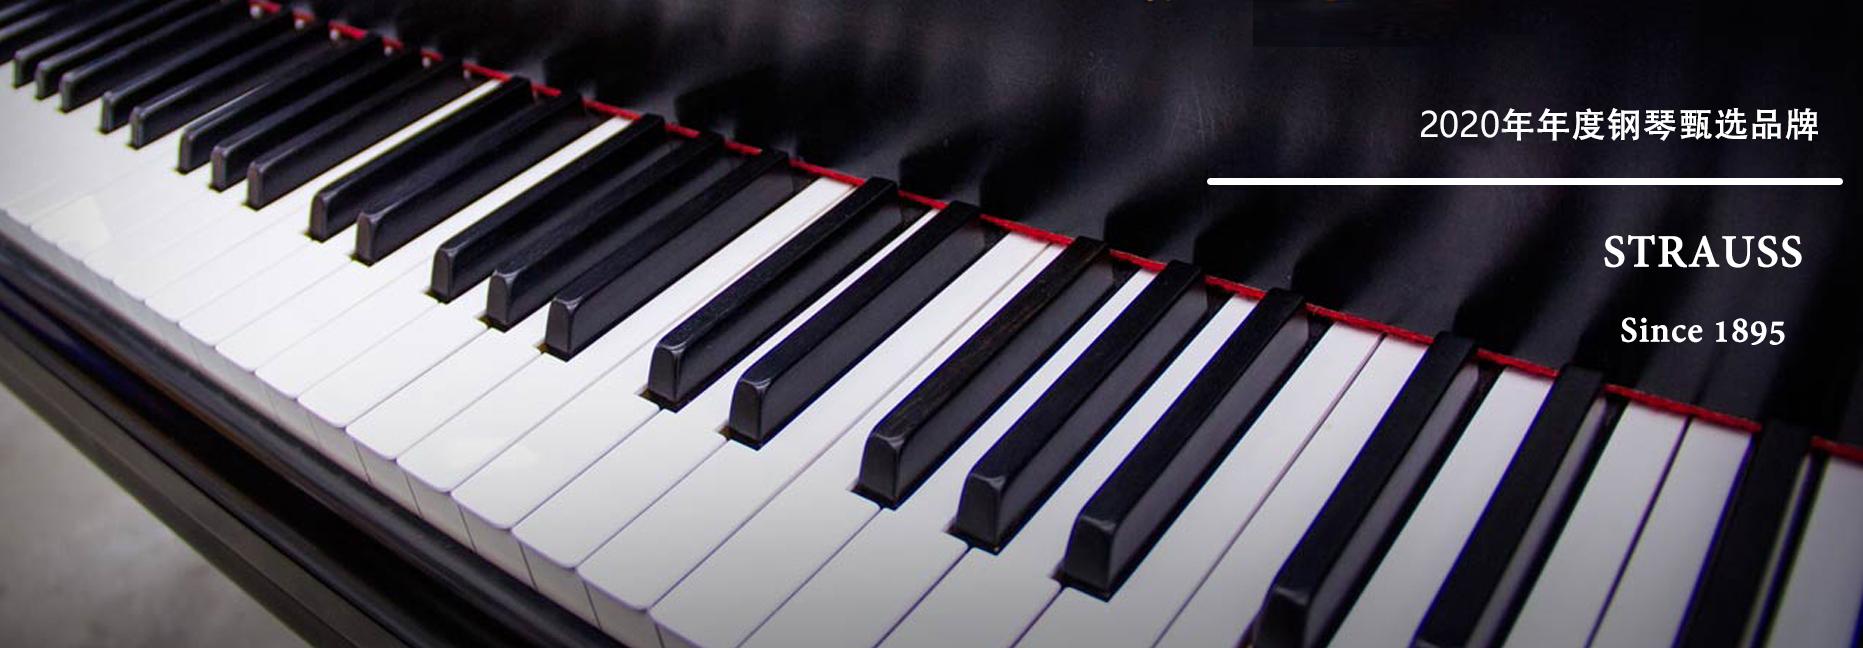 2020年极具性价比钢琴系列